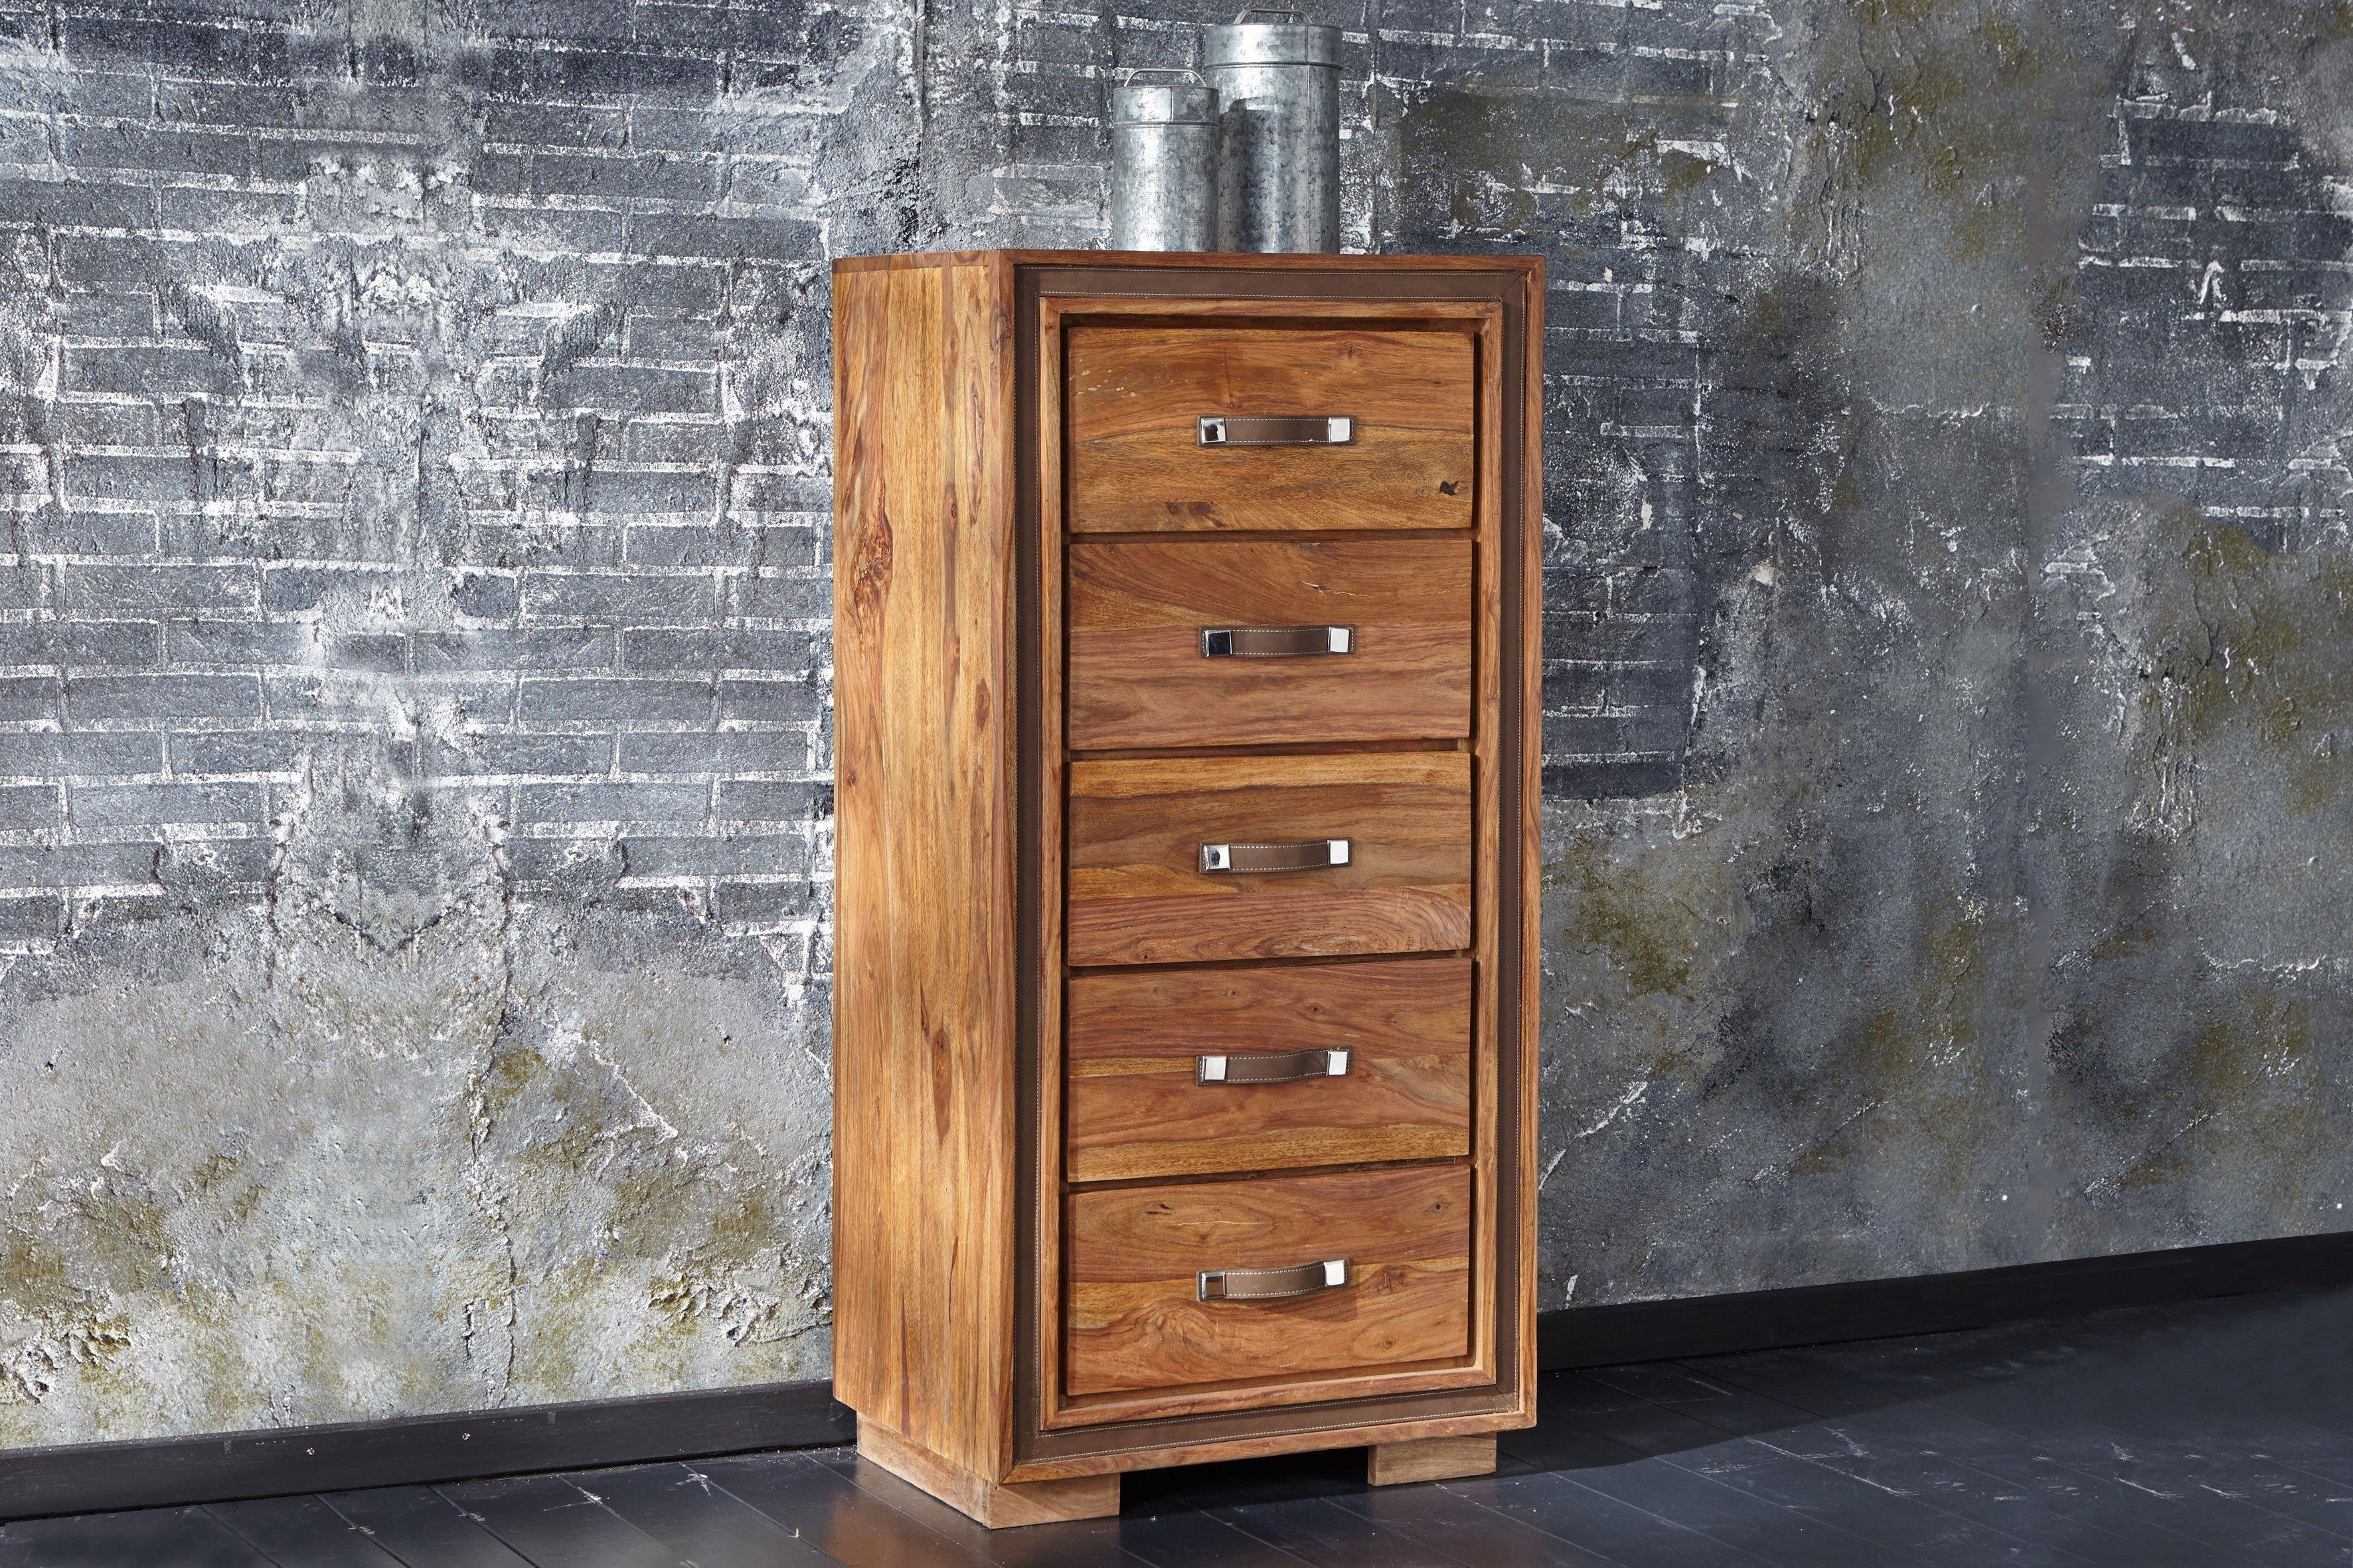 wolf m bel kommode mit einzigartiger struktur m bel letz ihr online shop. Black Bedroom Furniture Sets. Home Design Ideas